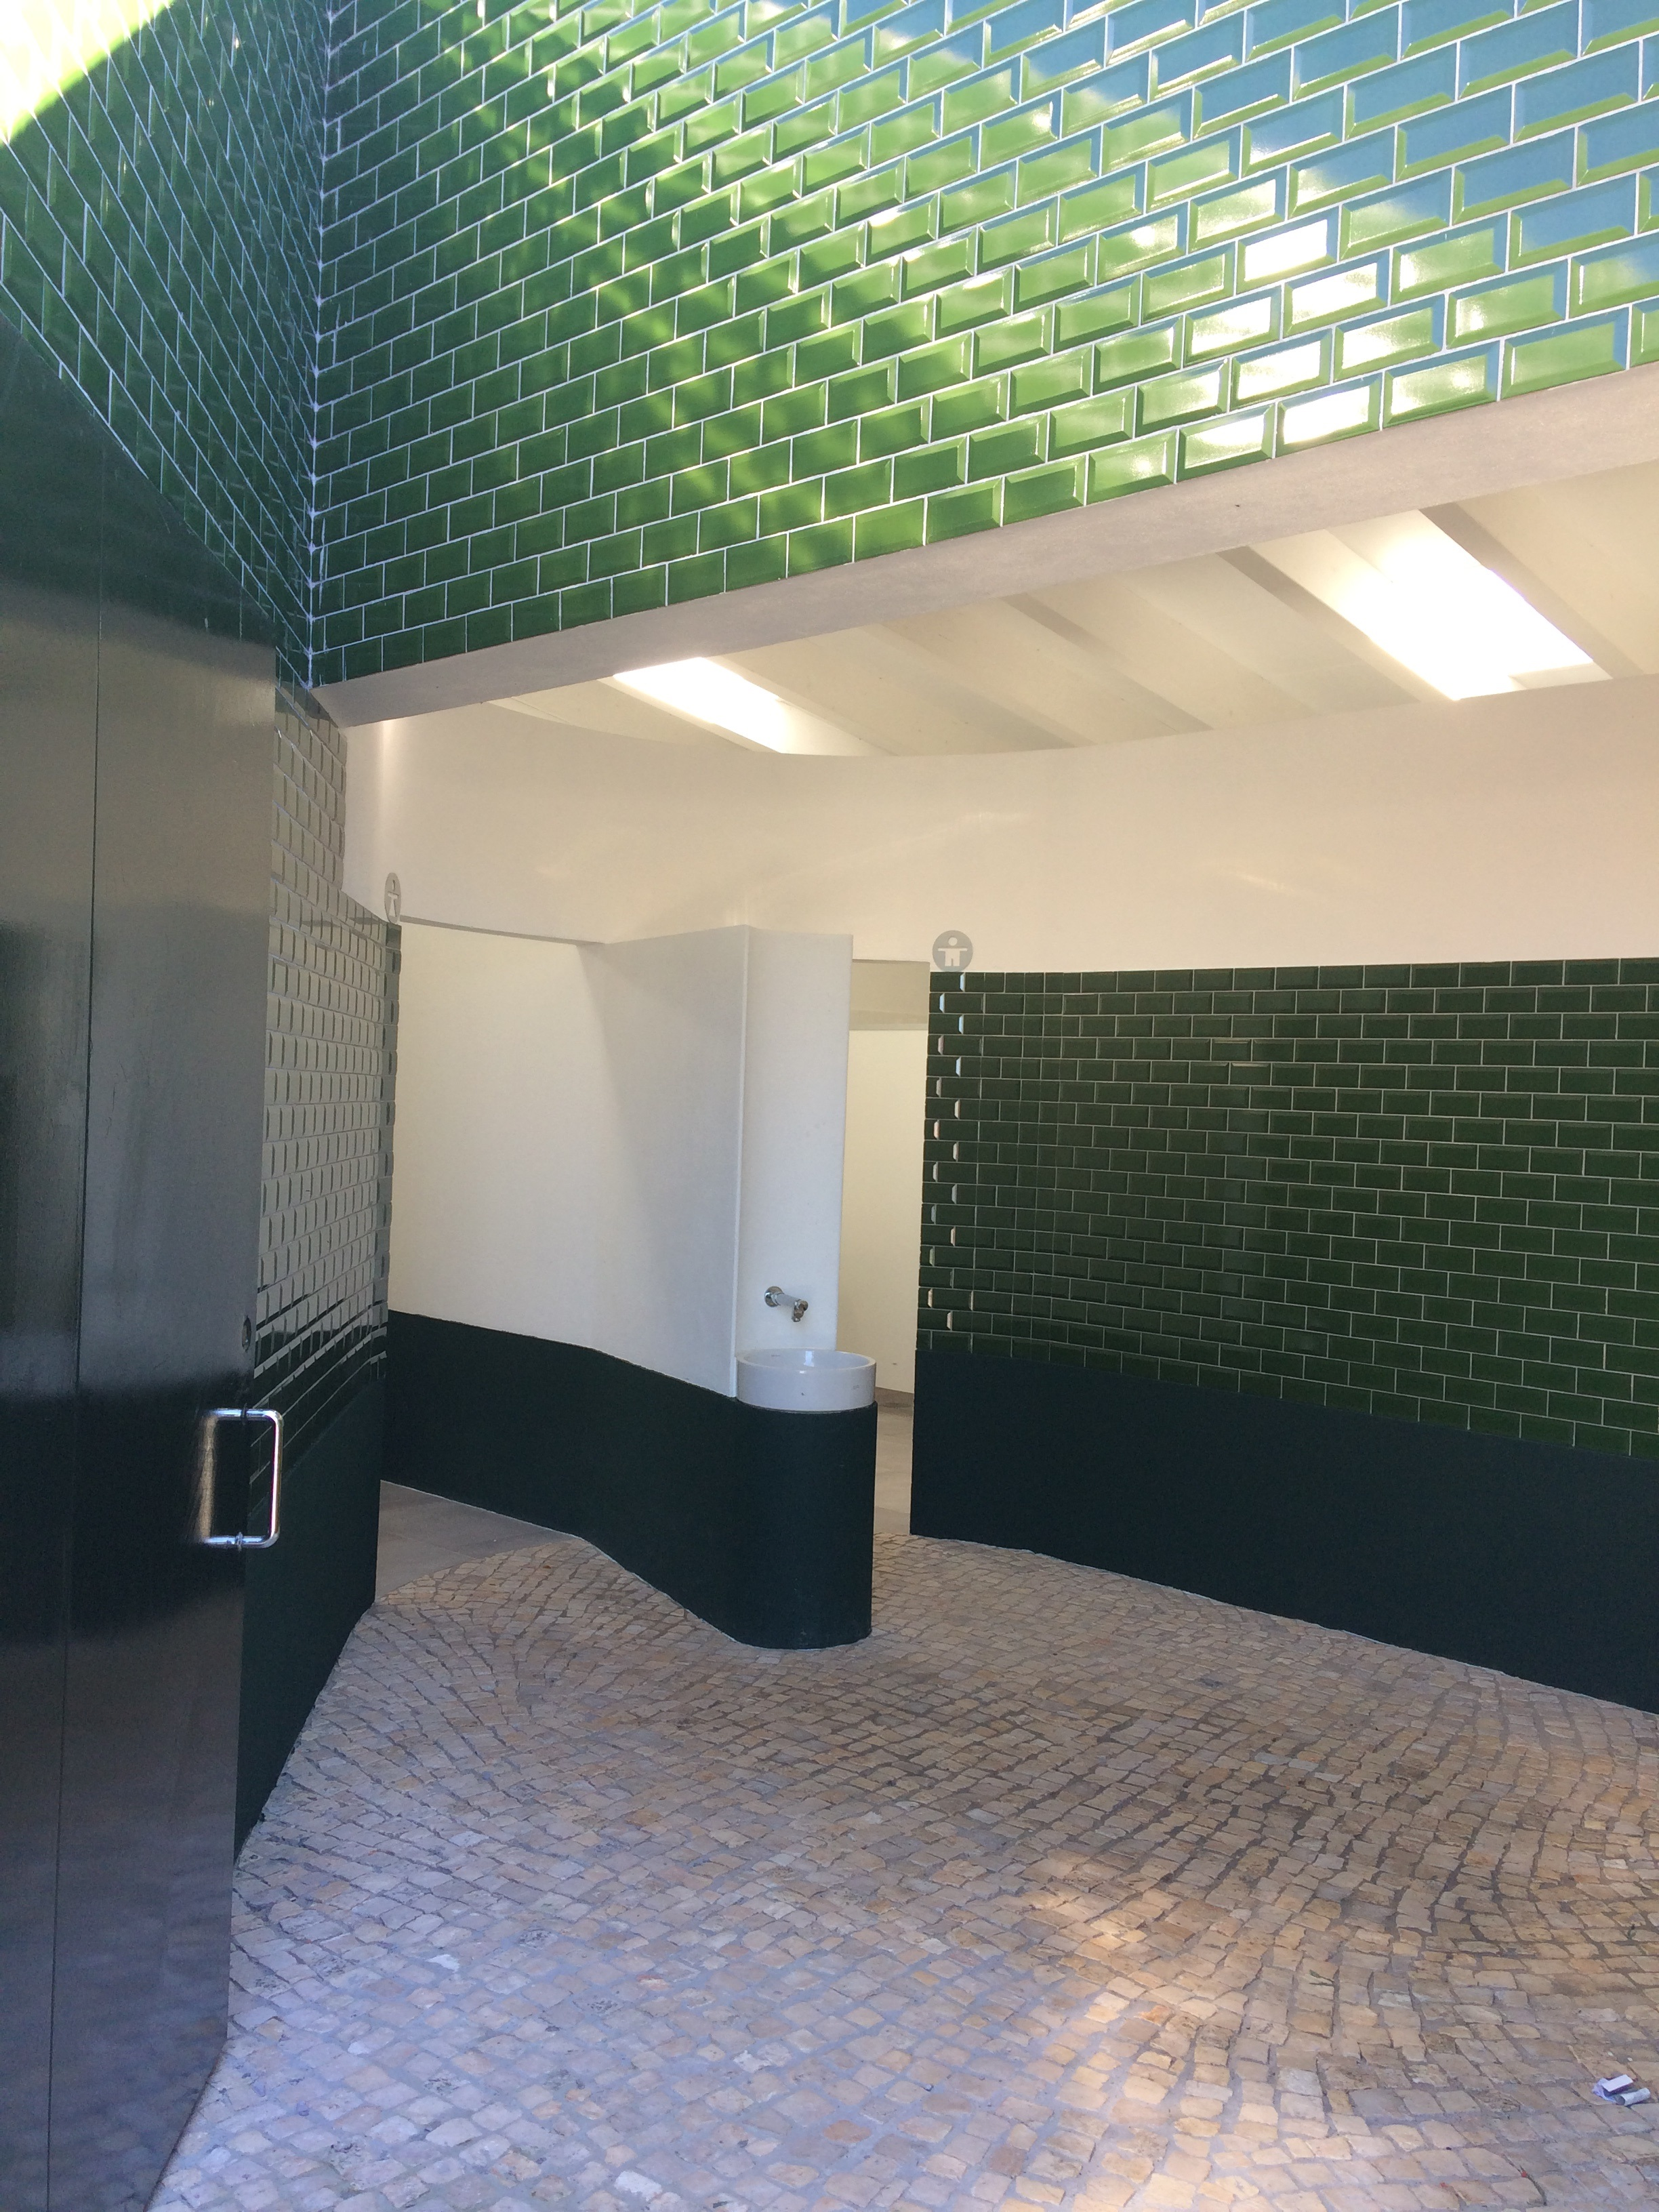 Obras de reabilitação dos sanitários do Cemitério de Ílhavo reconhecidas internacionalmente